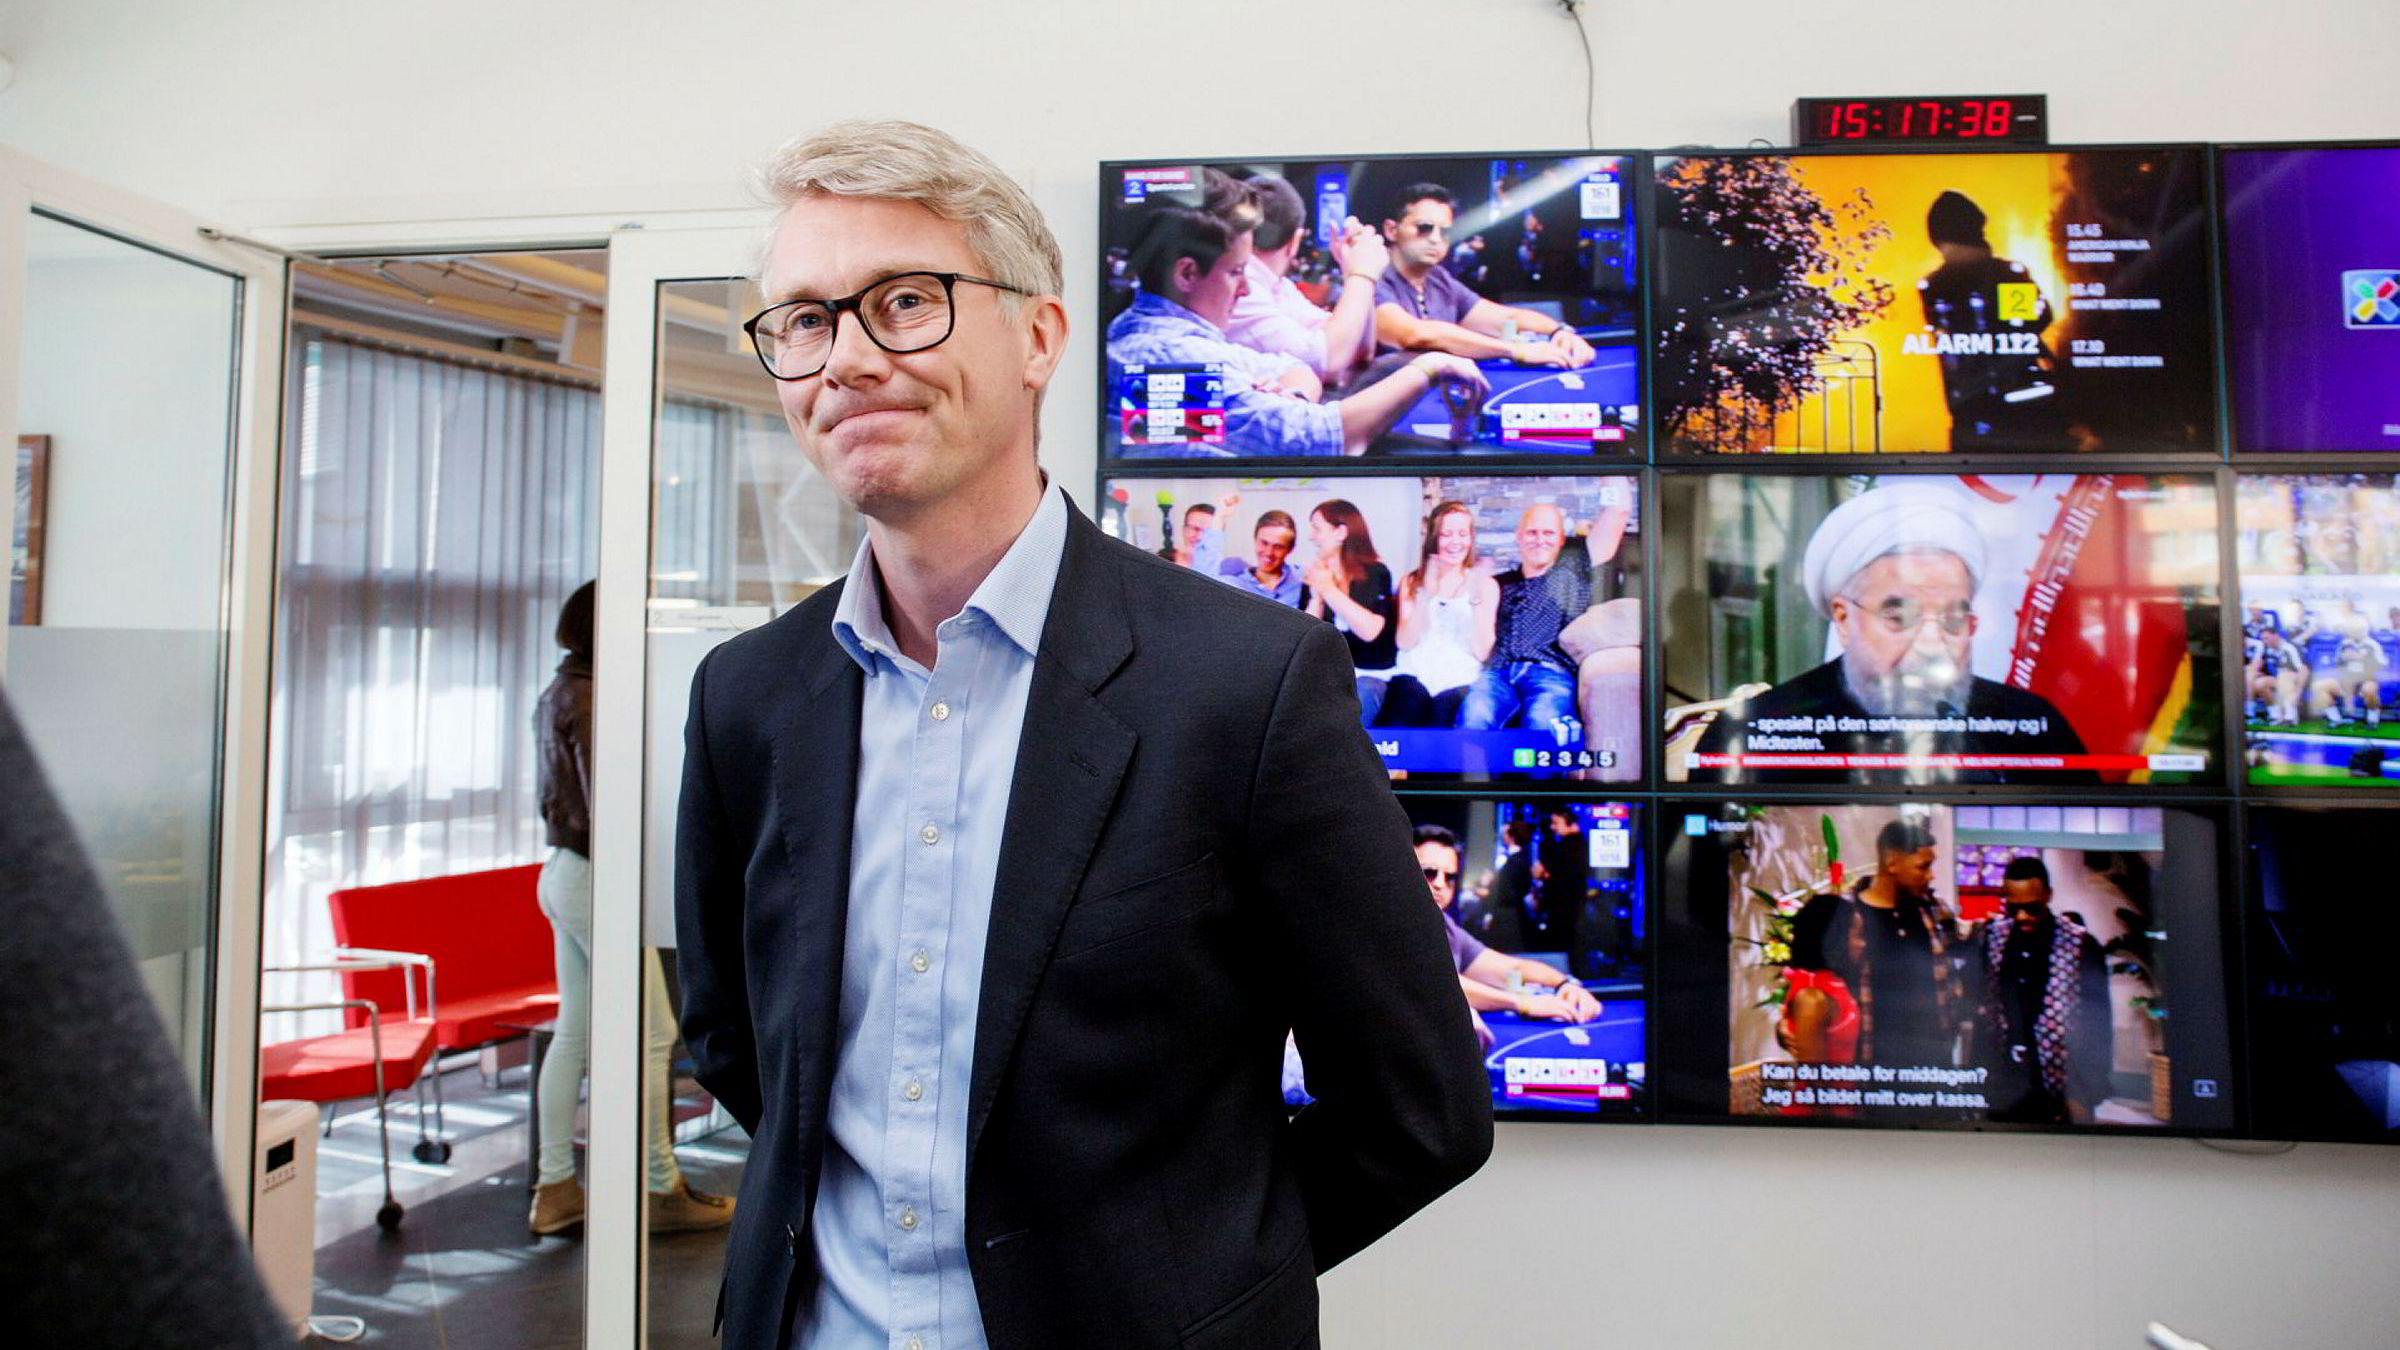 På Stortinget mandag kveld argumenterte TV 2-sjef Olav T. Sandnes for at TV 2 må få kompensasjon fra staten for å fortsette med nyheter og kommersiell allmennkringkasting fra Bergen.